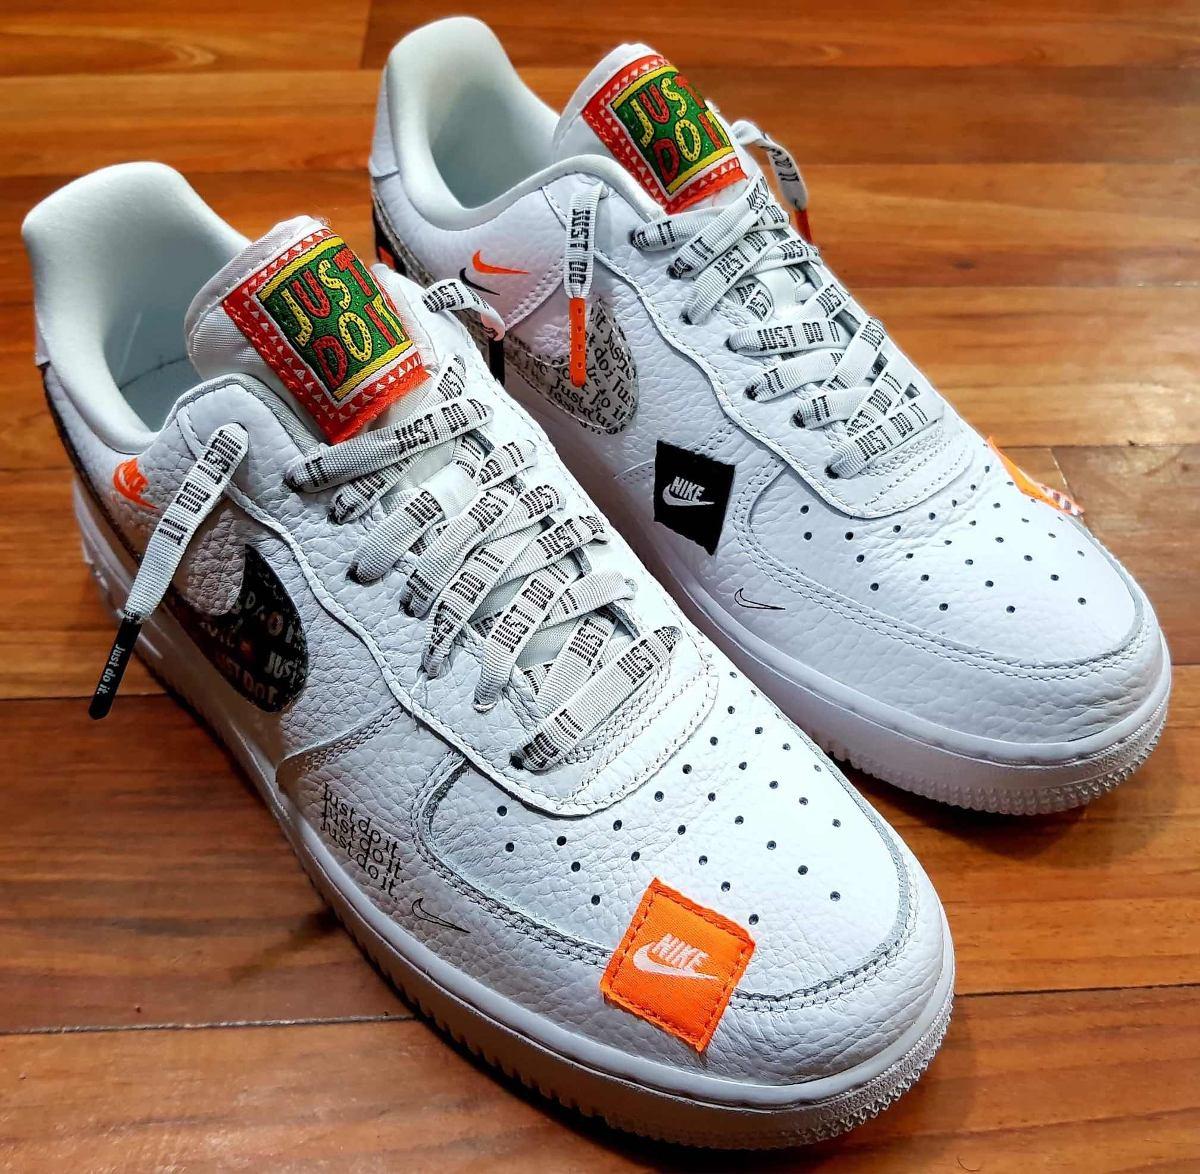 Do Edición Just Nike Limitada Forcé It Low Air 8knwOP0